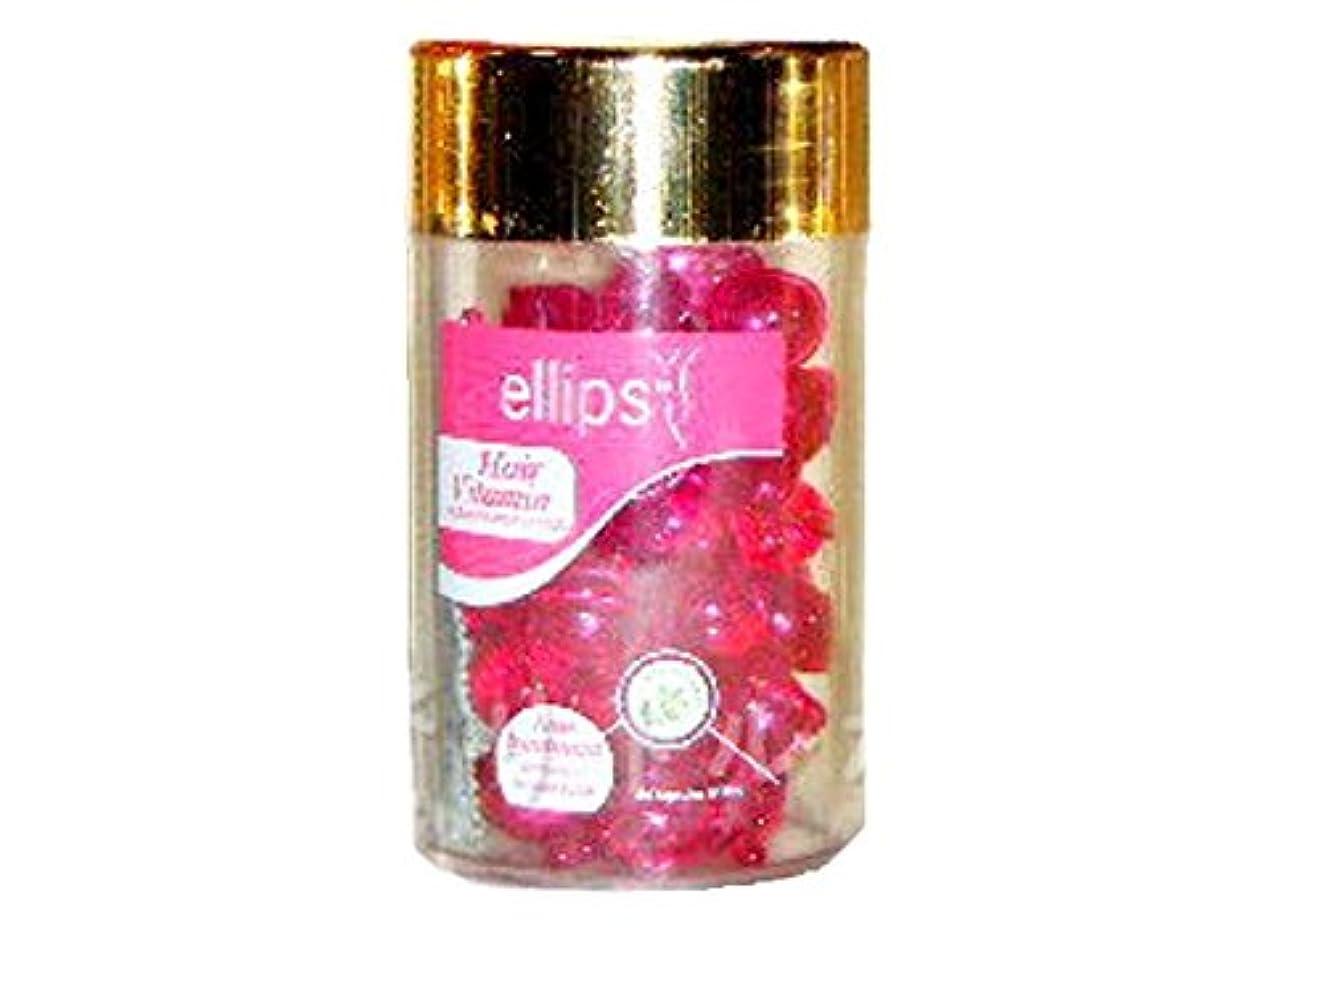 ペニー芝生ハプニングエリップスellipsヘアビタミン洗い流さないヘアトリートメント50粒入ボトル1本(海外直送品)(並行輸入品) (ピンク)